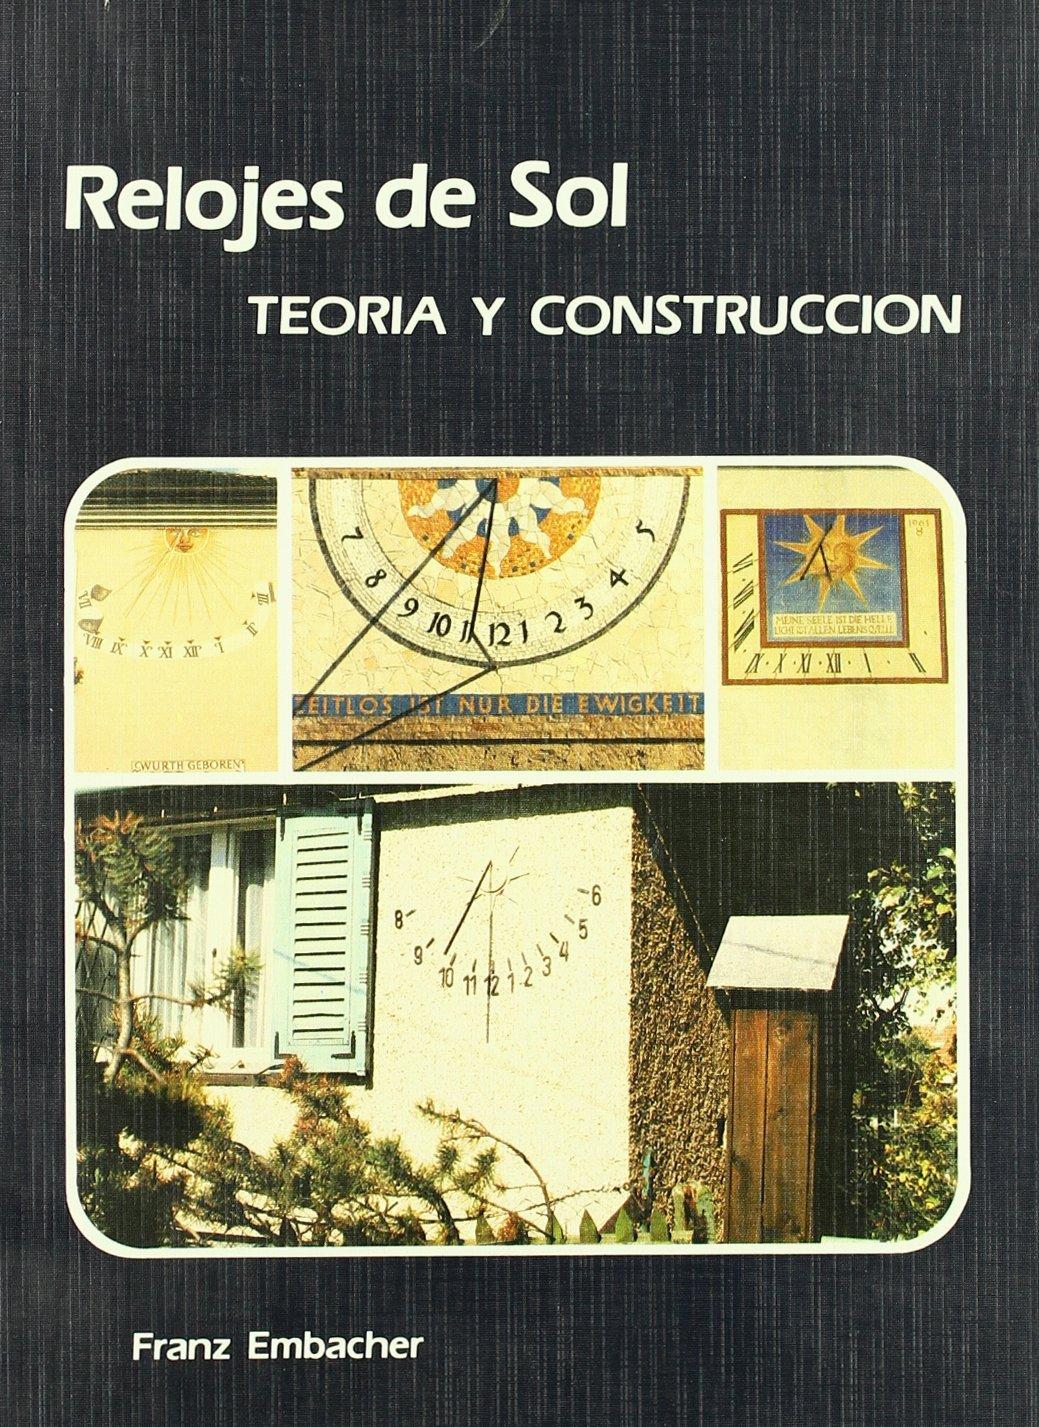 Relojes de sol - teoria y construccion: Amazon.es: Franz Embacher: Libros